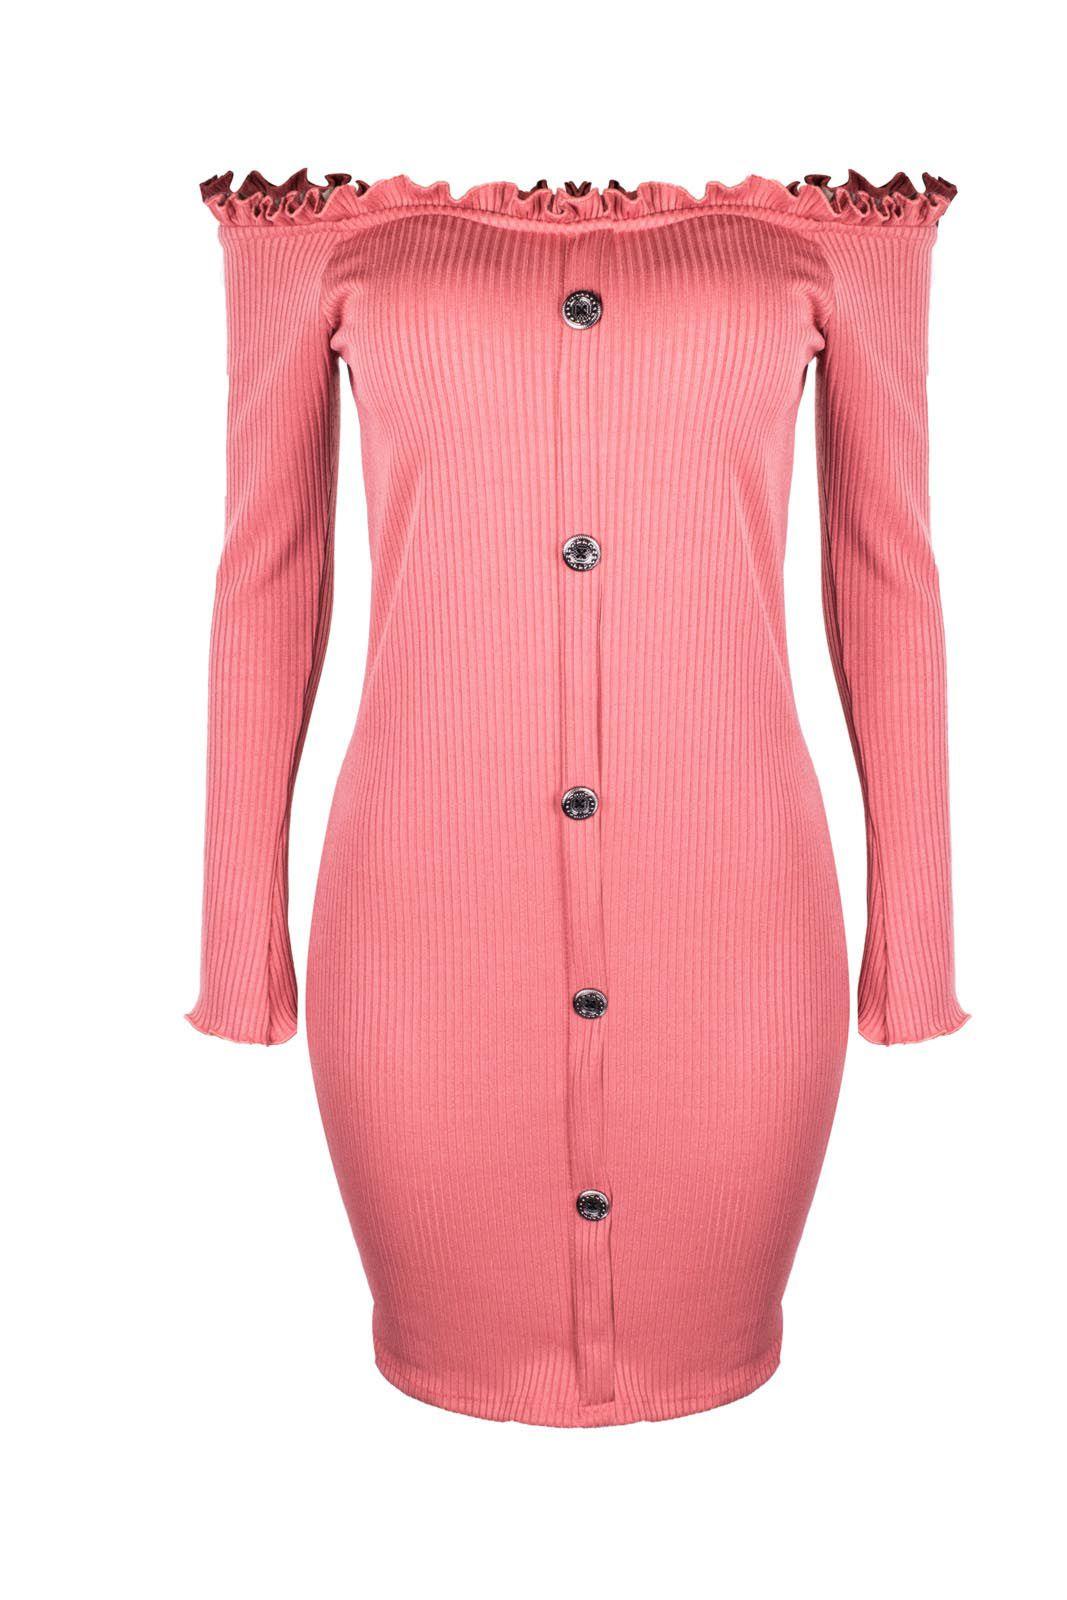 Vestido OutletDri Ciganinha Frufru Canelado Manga Longa Botões Frontal Rosa